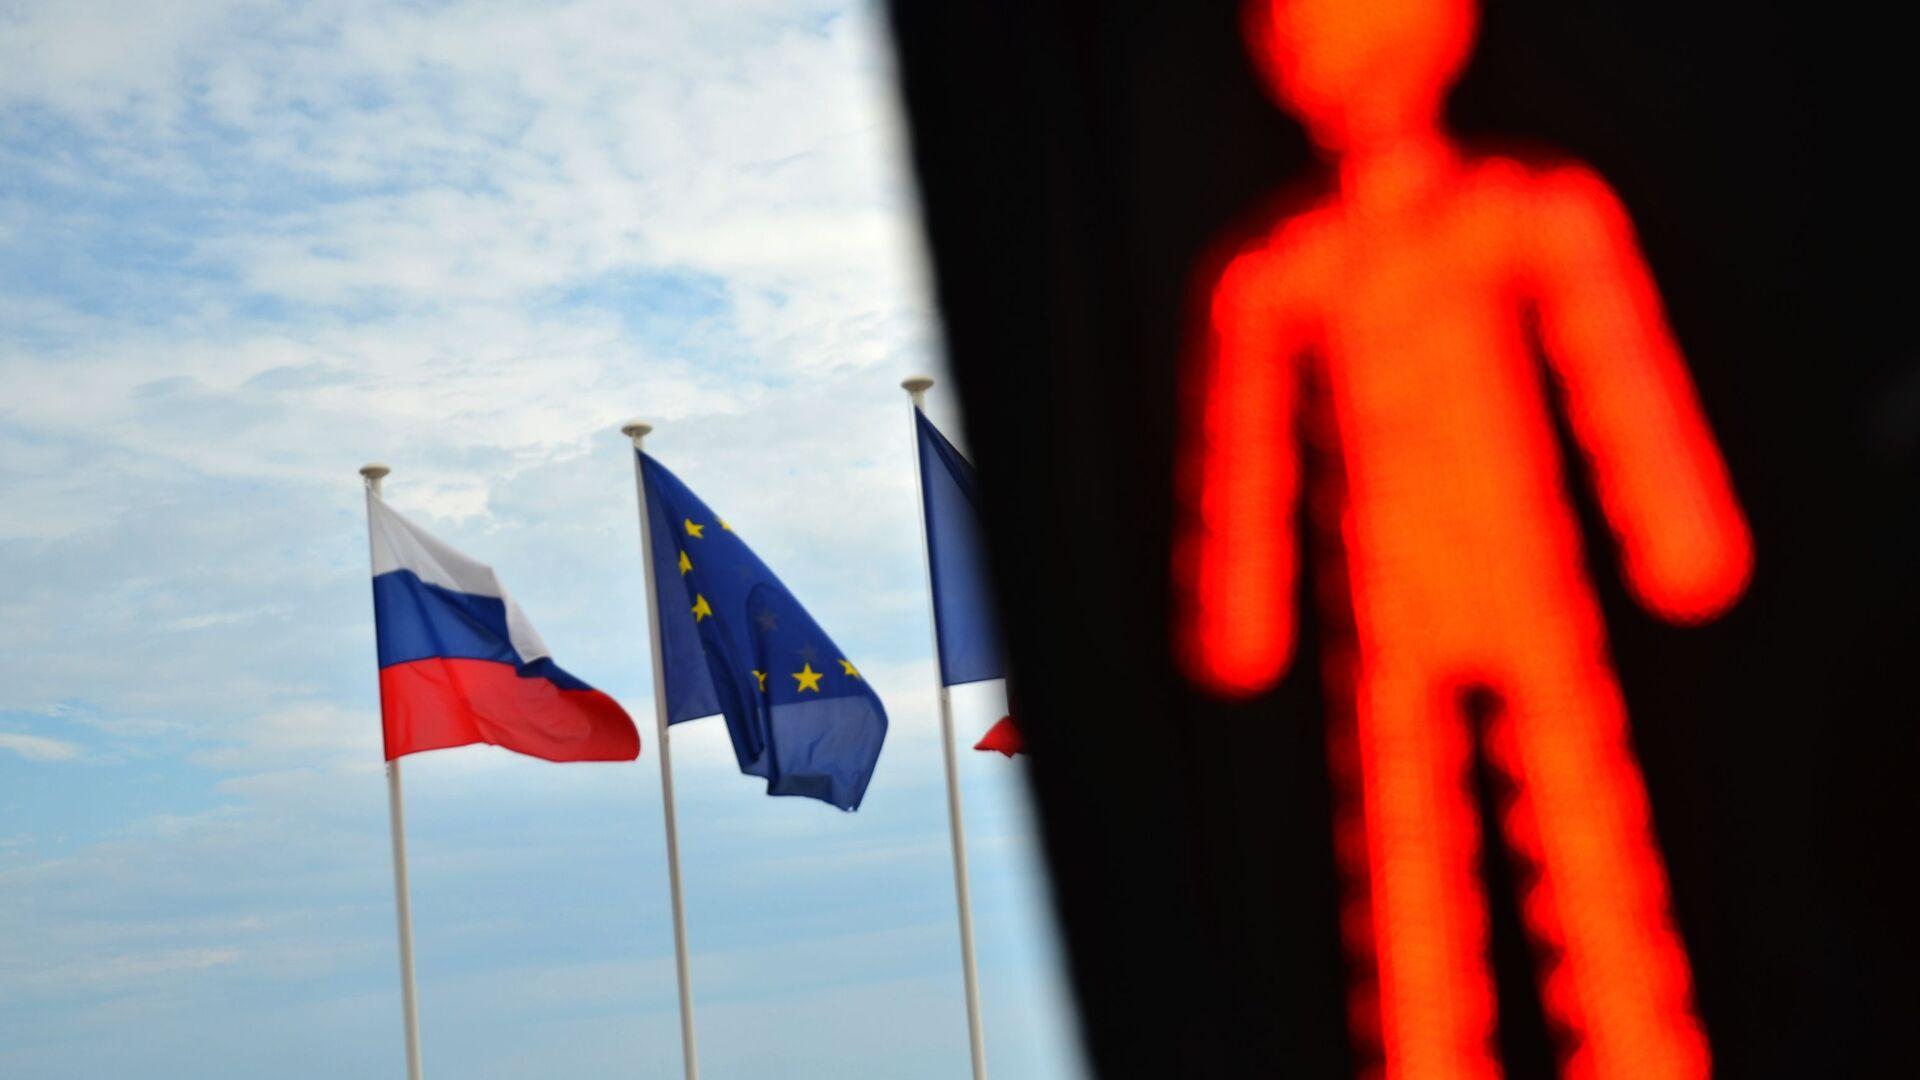 Flagi Rosji, UE i Francji - Sputnik Polska, 1920, 21.06.2021